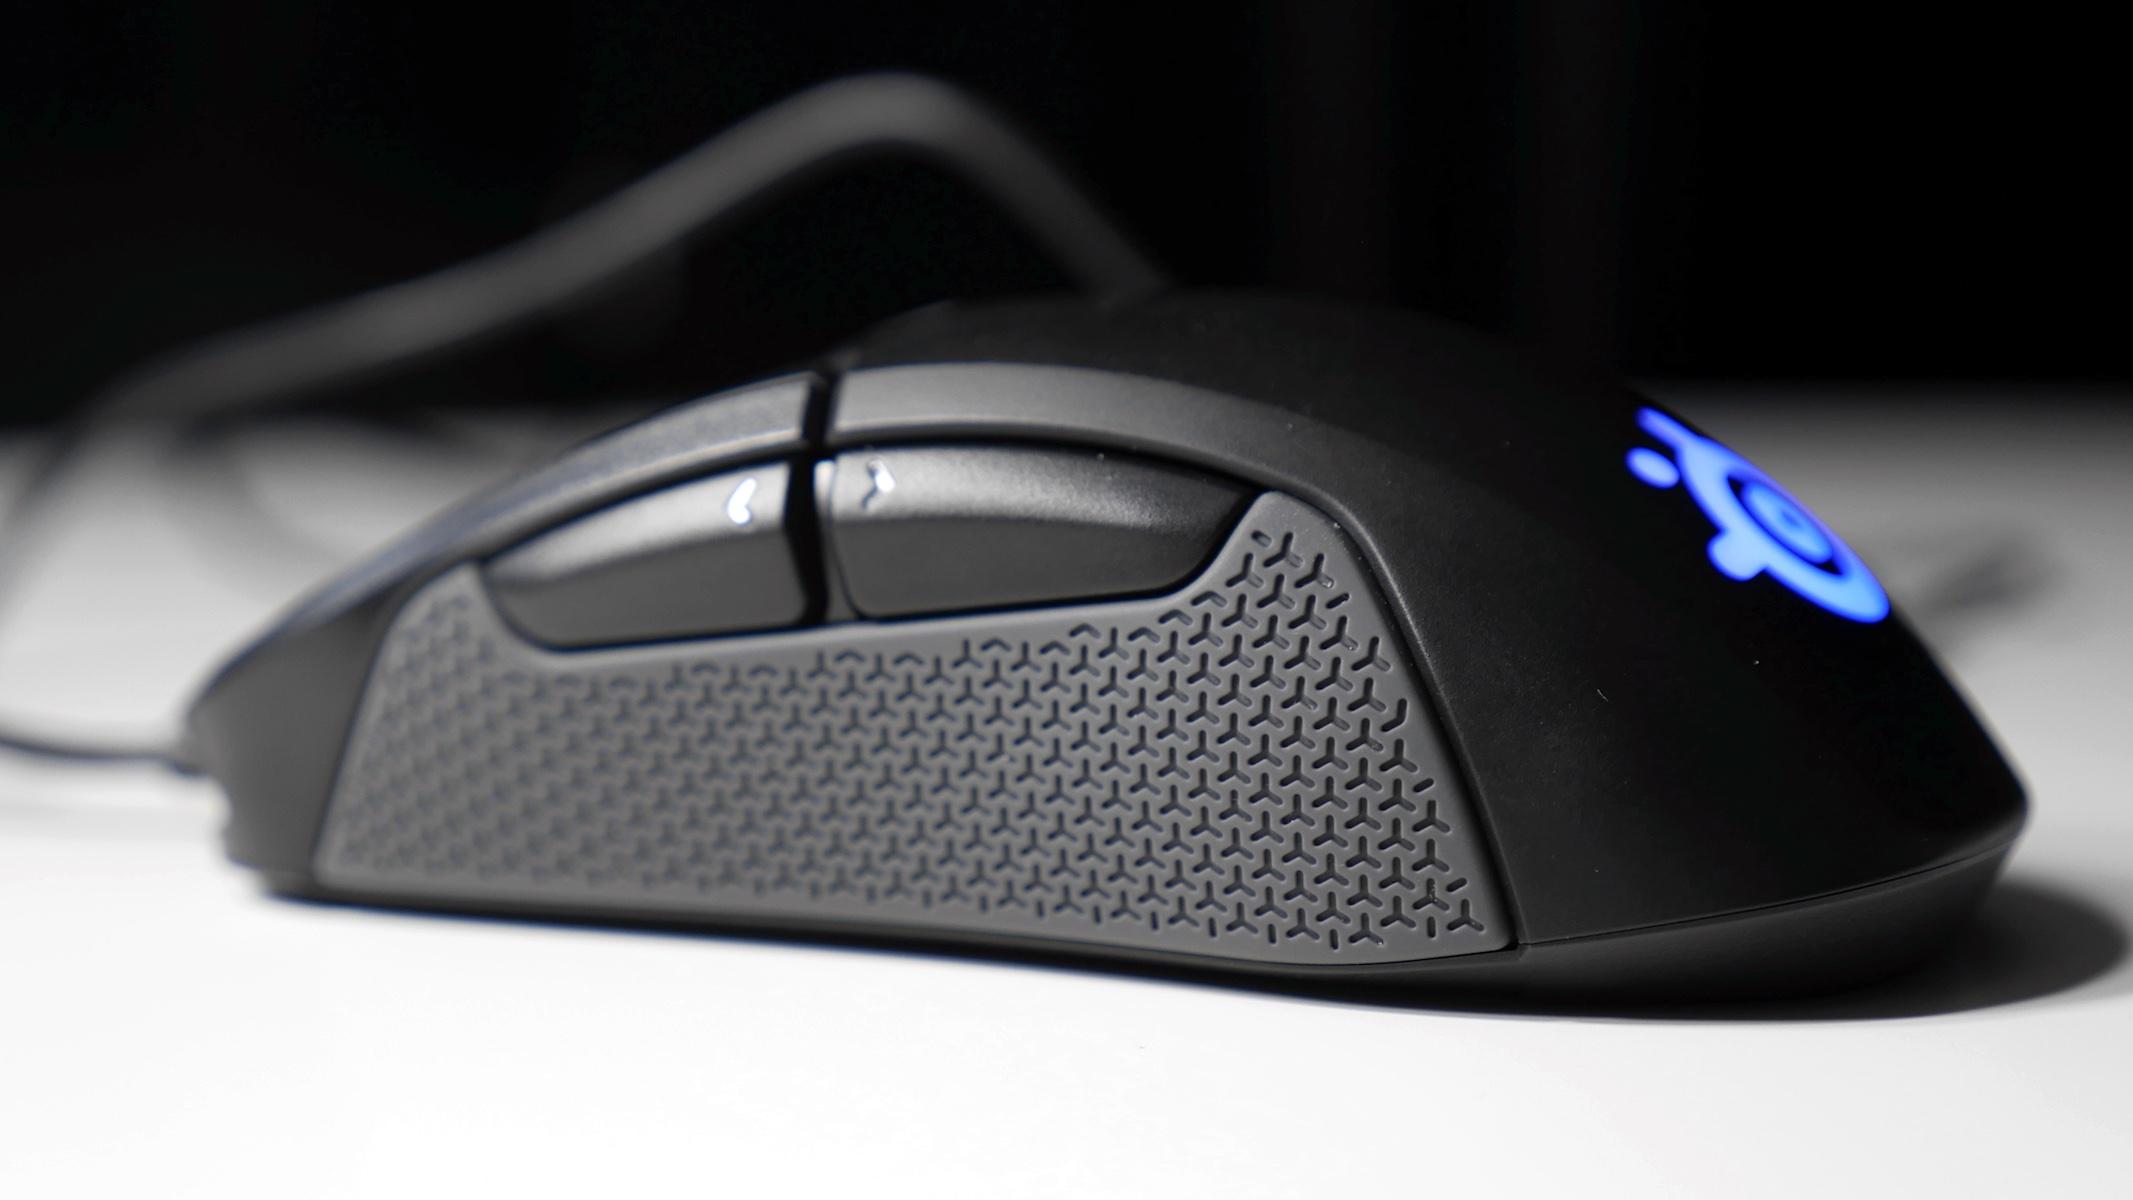 mysz steelseries rival 310 niebieskie podświetlenie